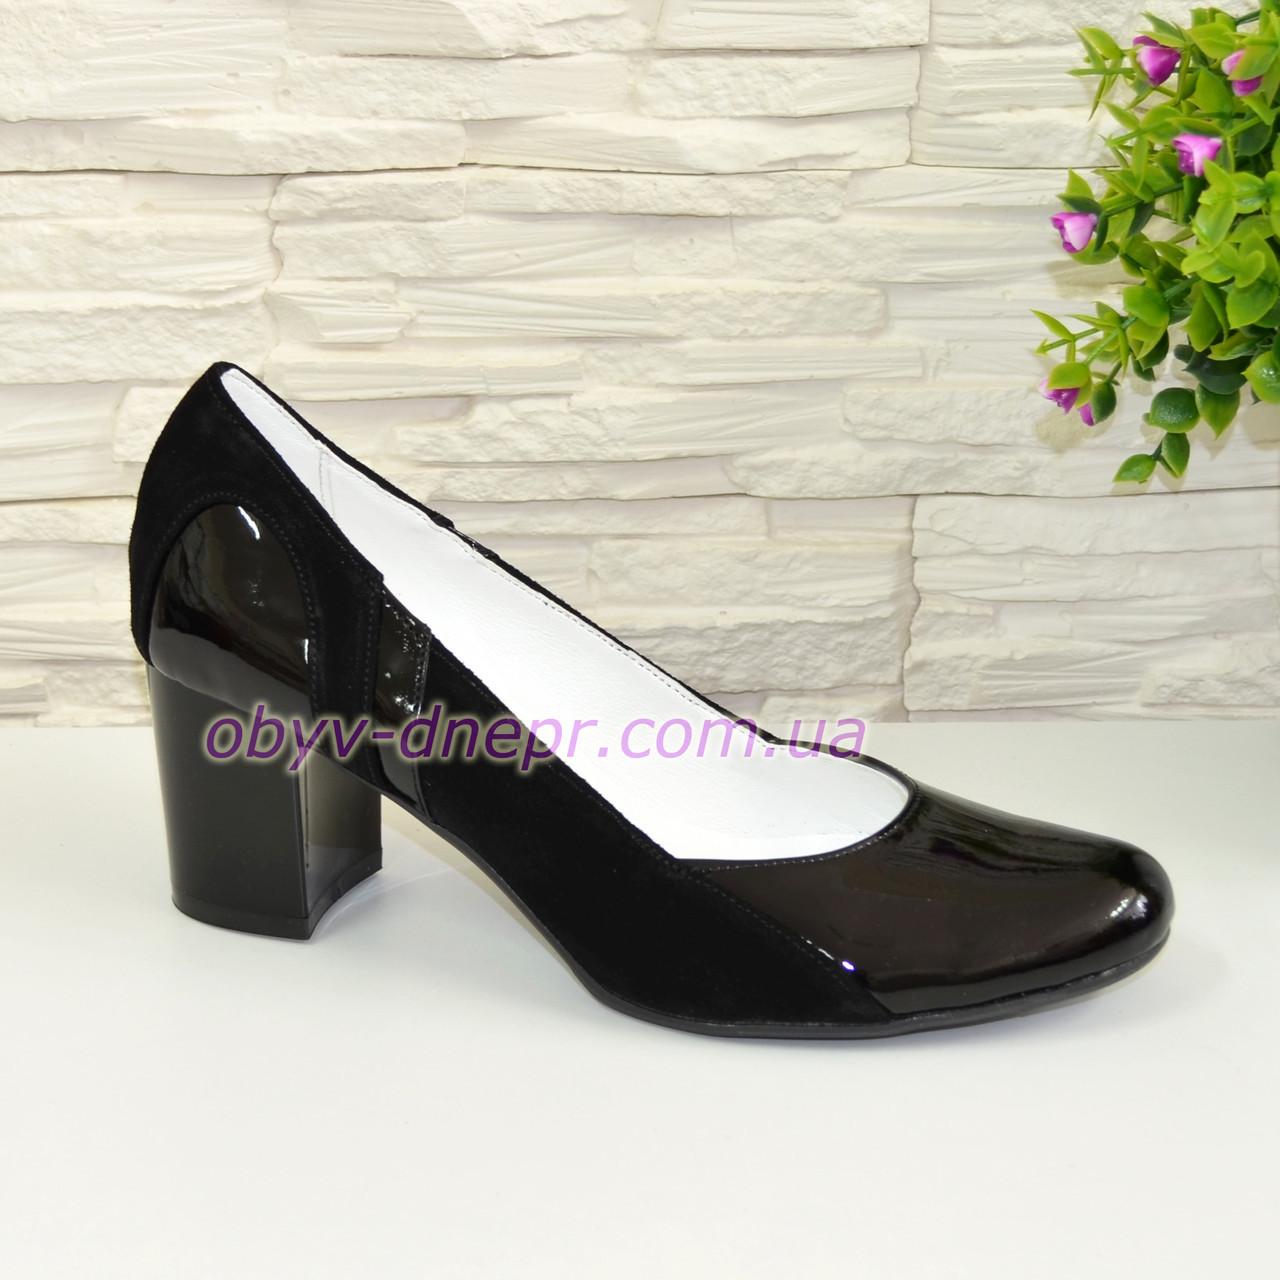 Женские классические туфли на каблуке из натуральной лаковой кожи и замши